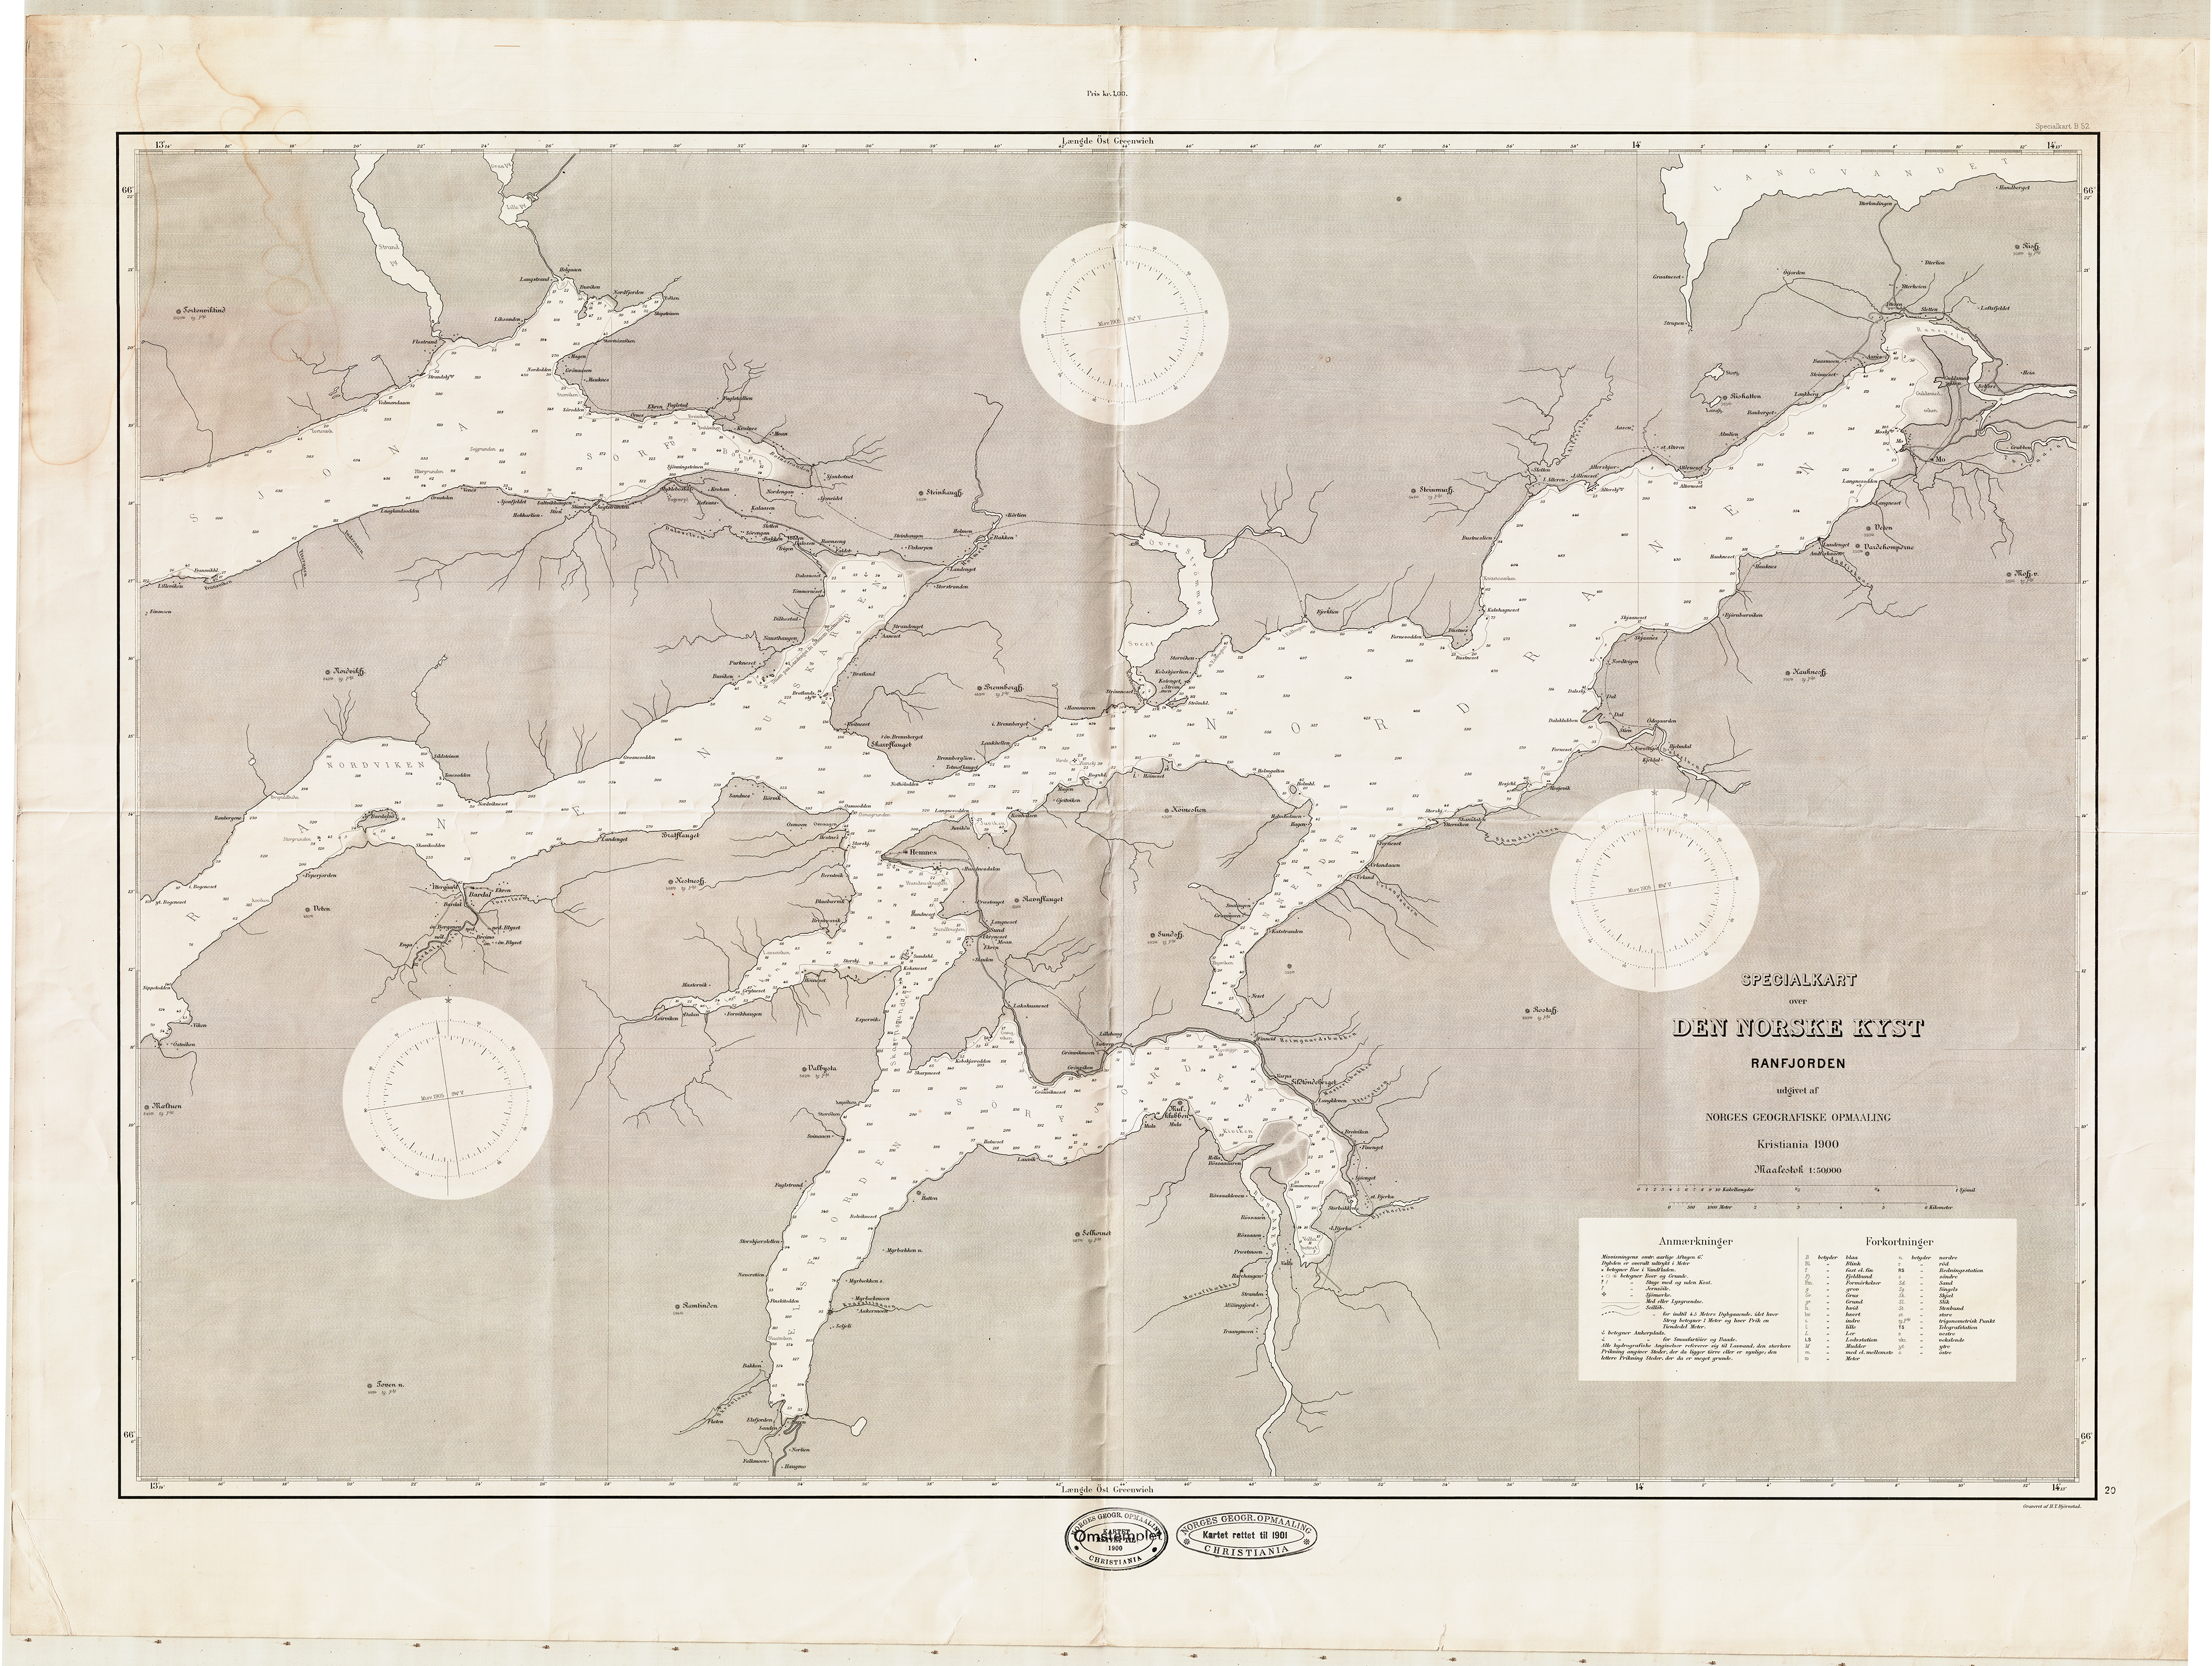 mo i rana kart File:Kart over Ranfjorden ved Mo i Rana.png   Wikimedia Commons mo i rana kart